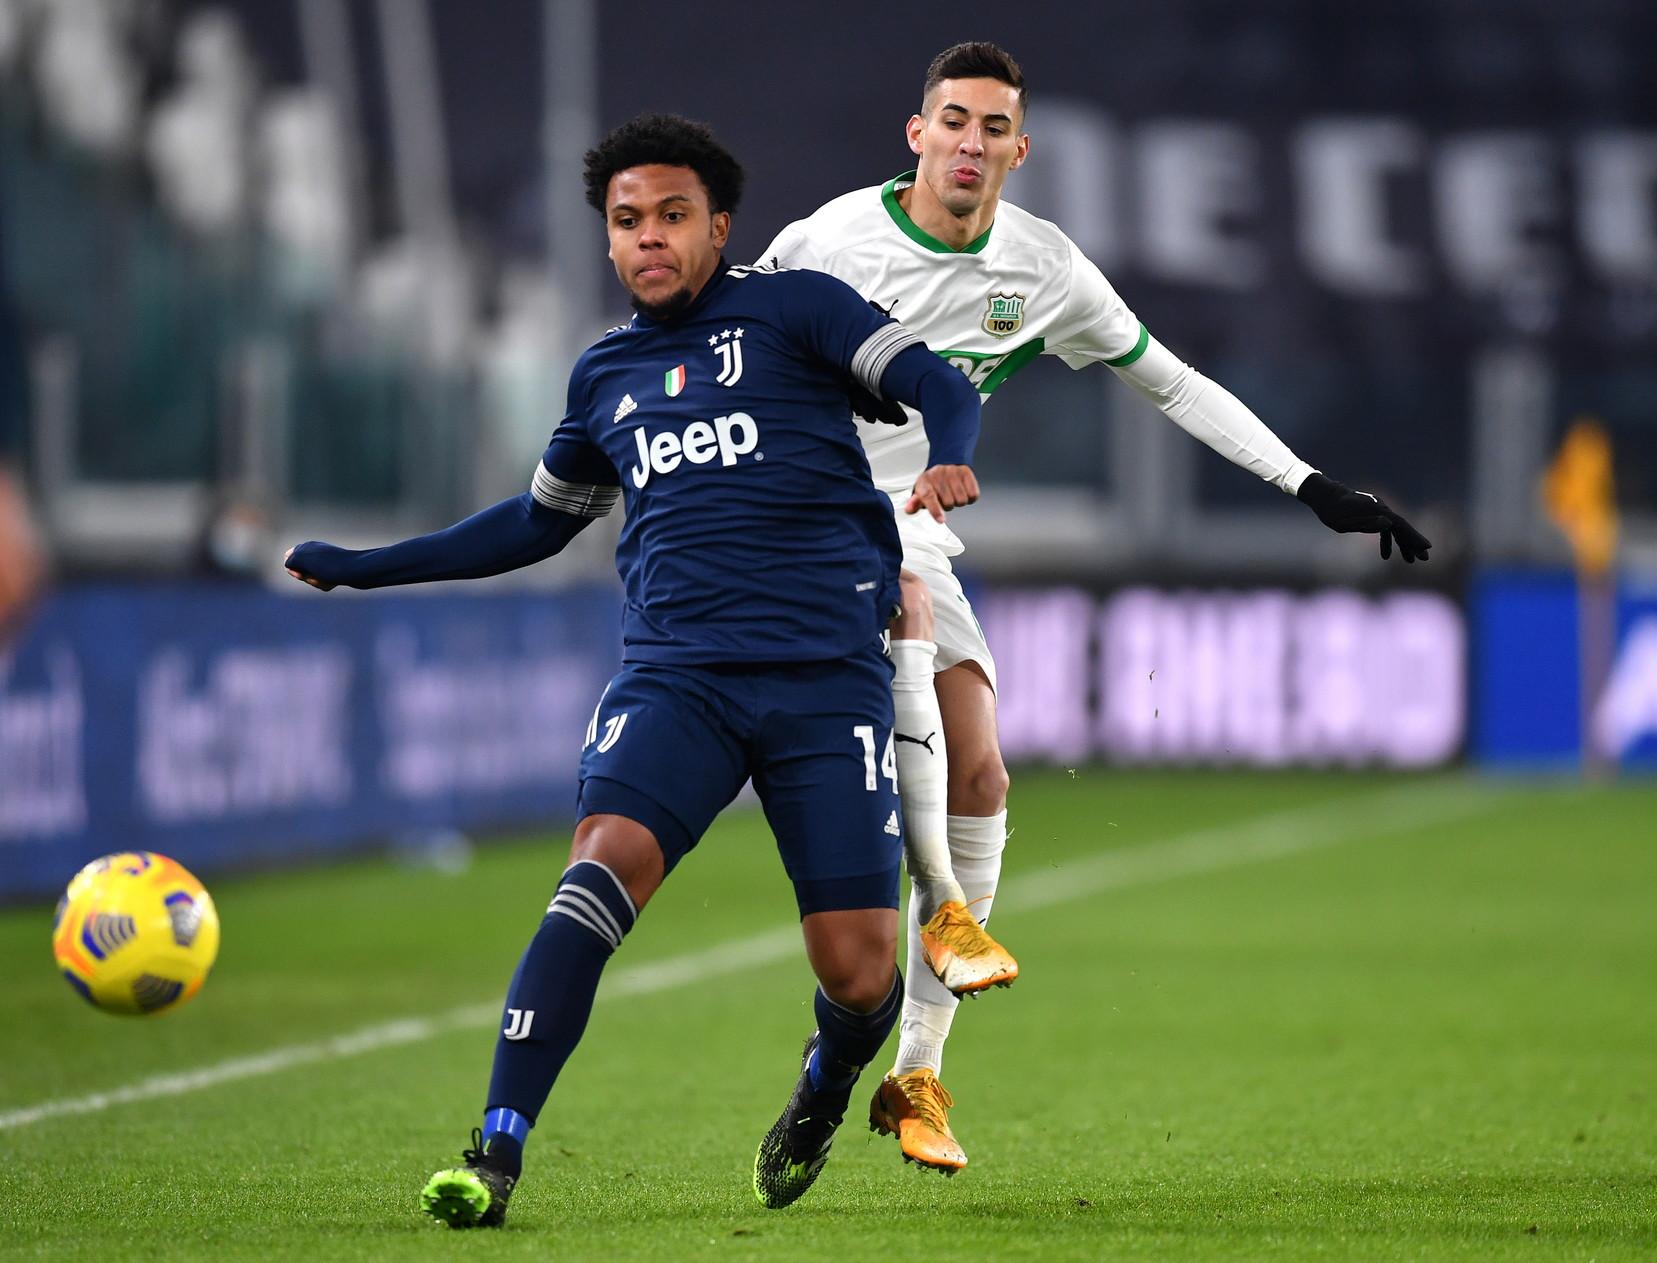 Juventus-Sassuolo 3-1, le migliori foto del match.<br /><br />